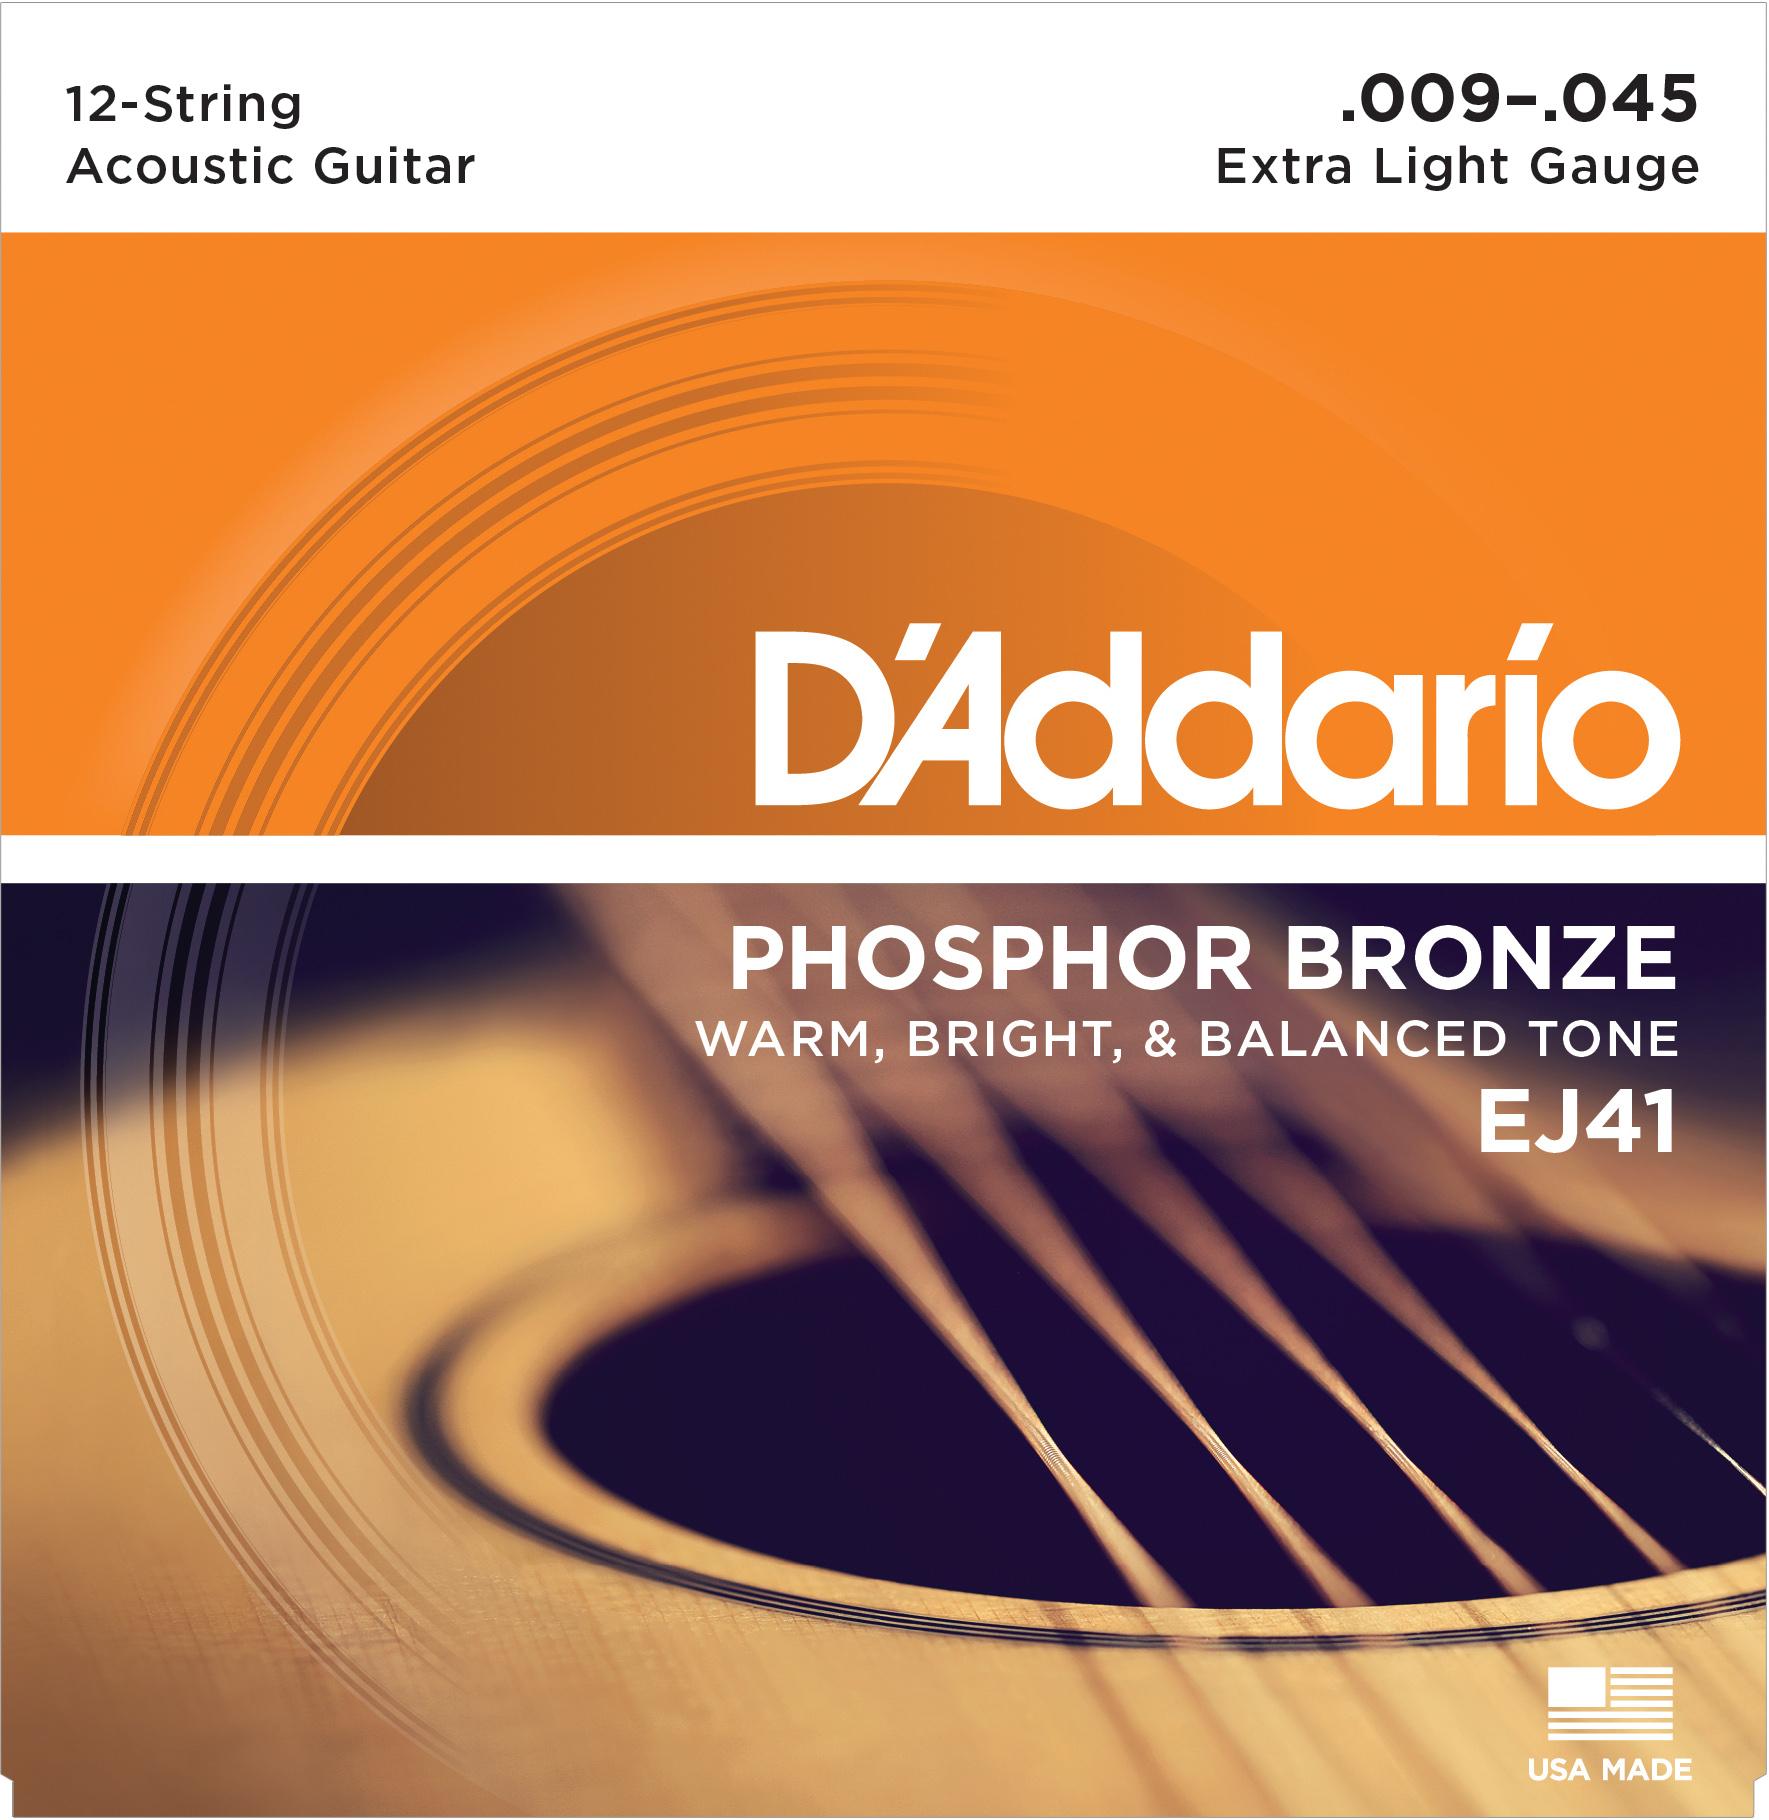 D'Addario EJ41 12-String Acoustic